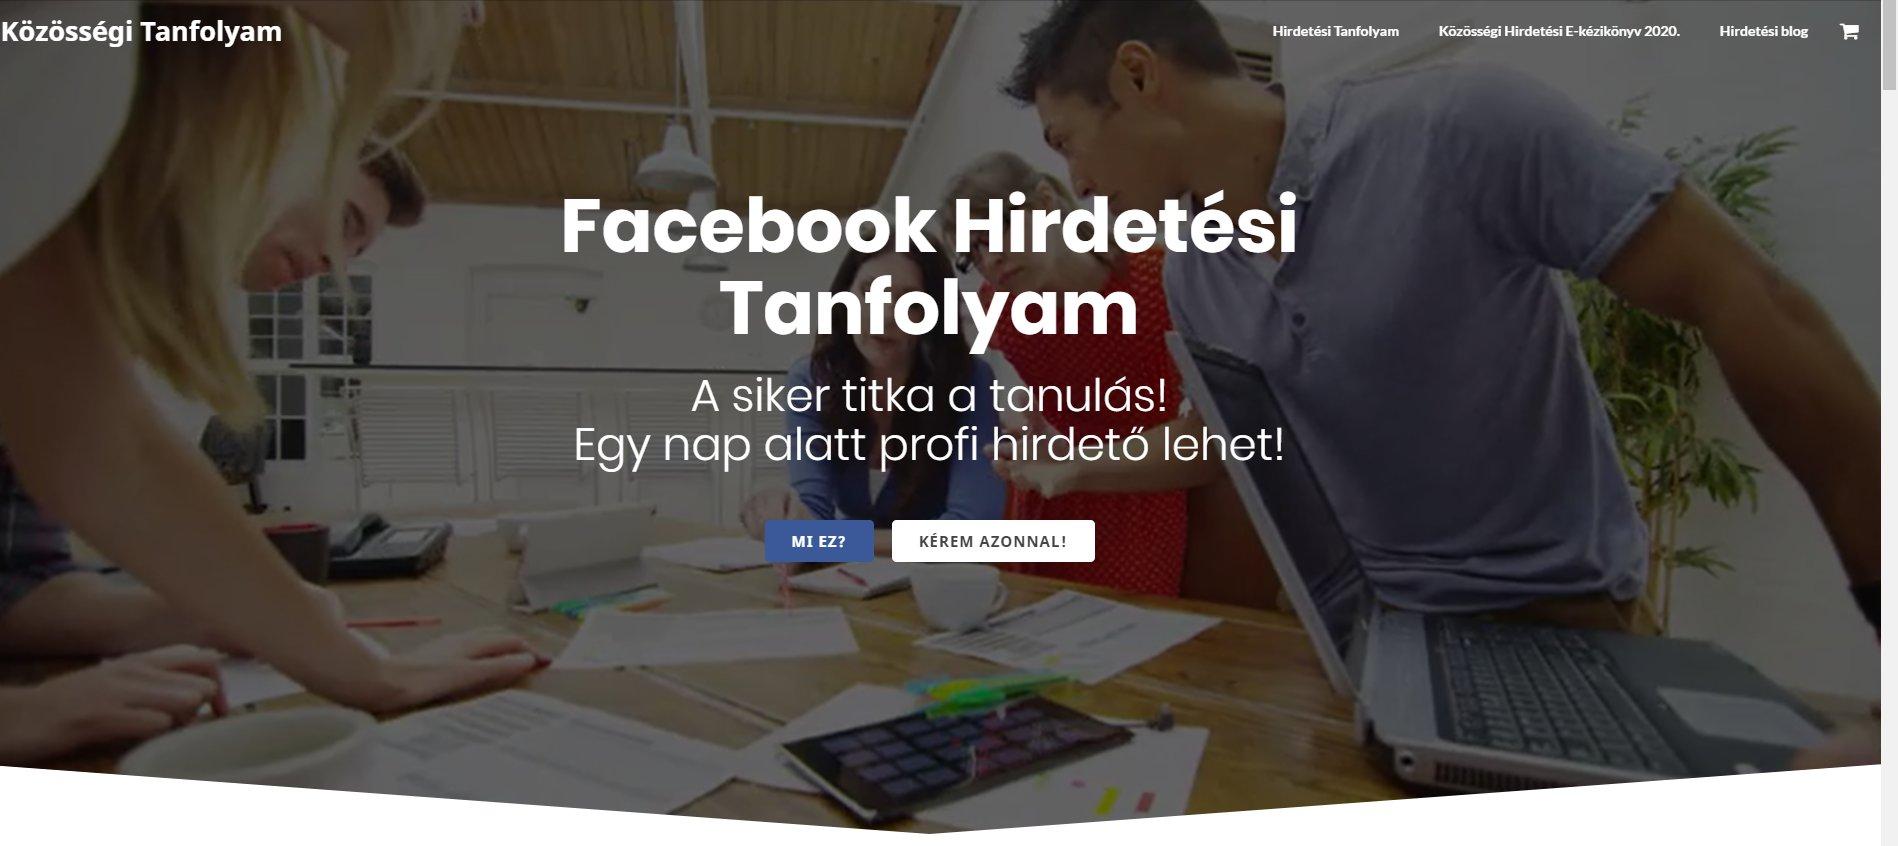 Facebook hirdetéskezelés okosan